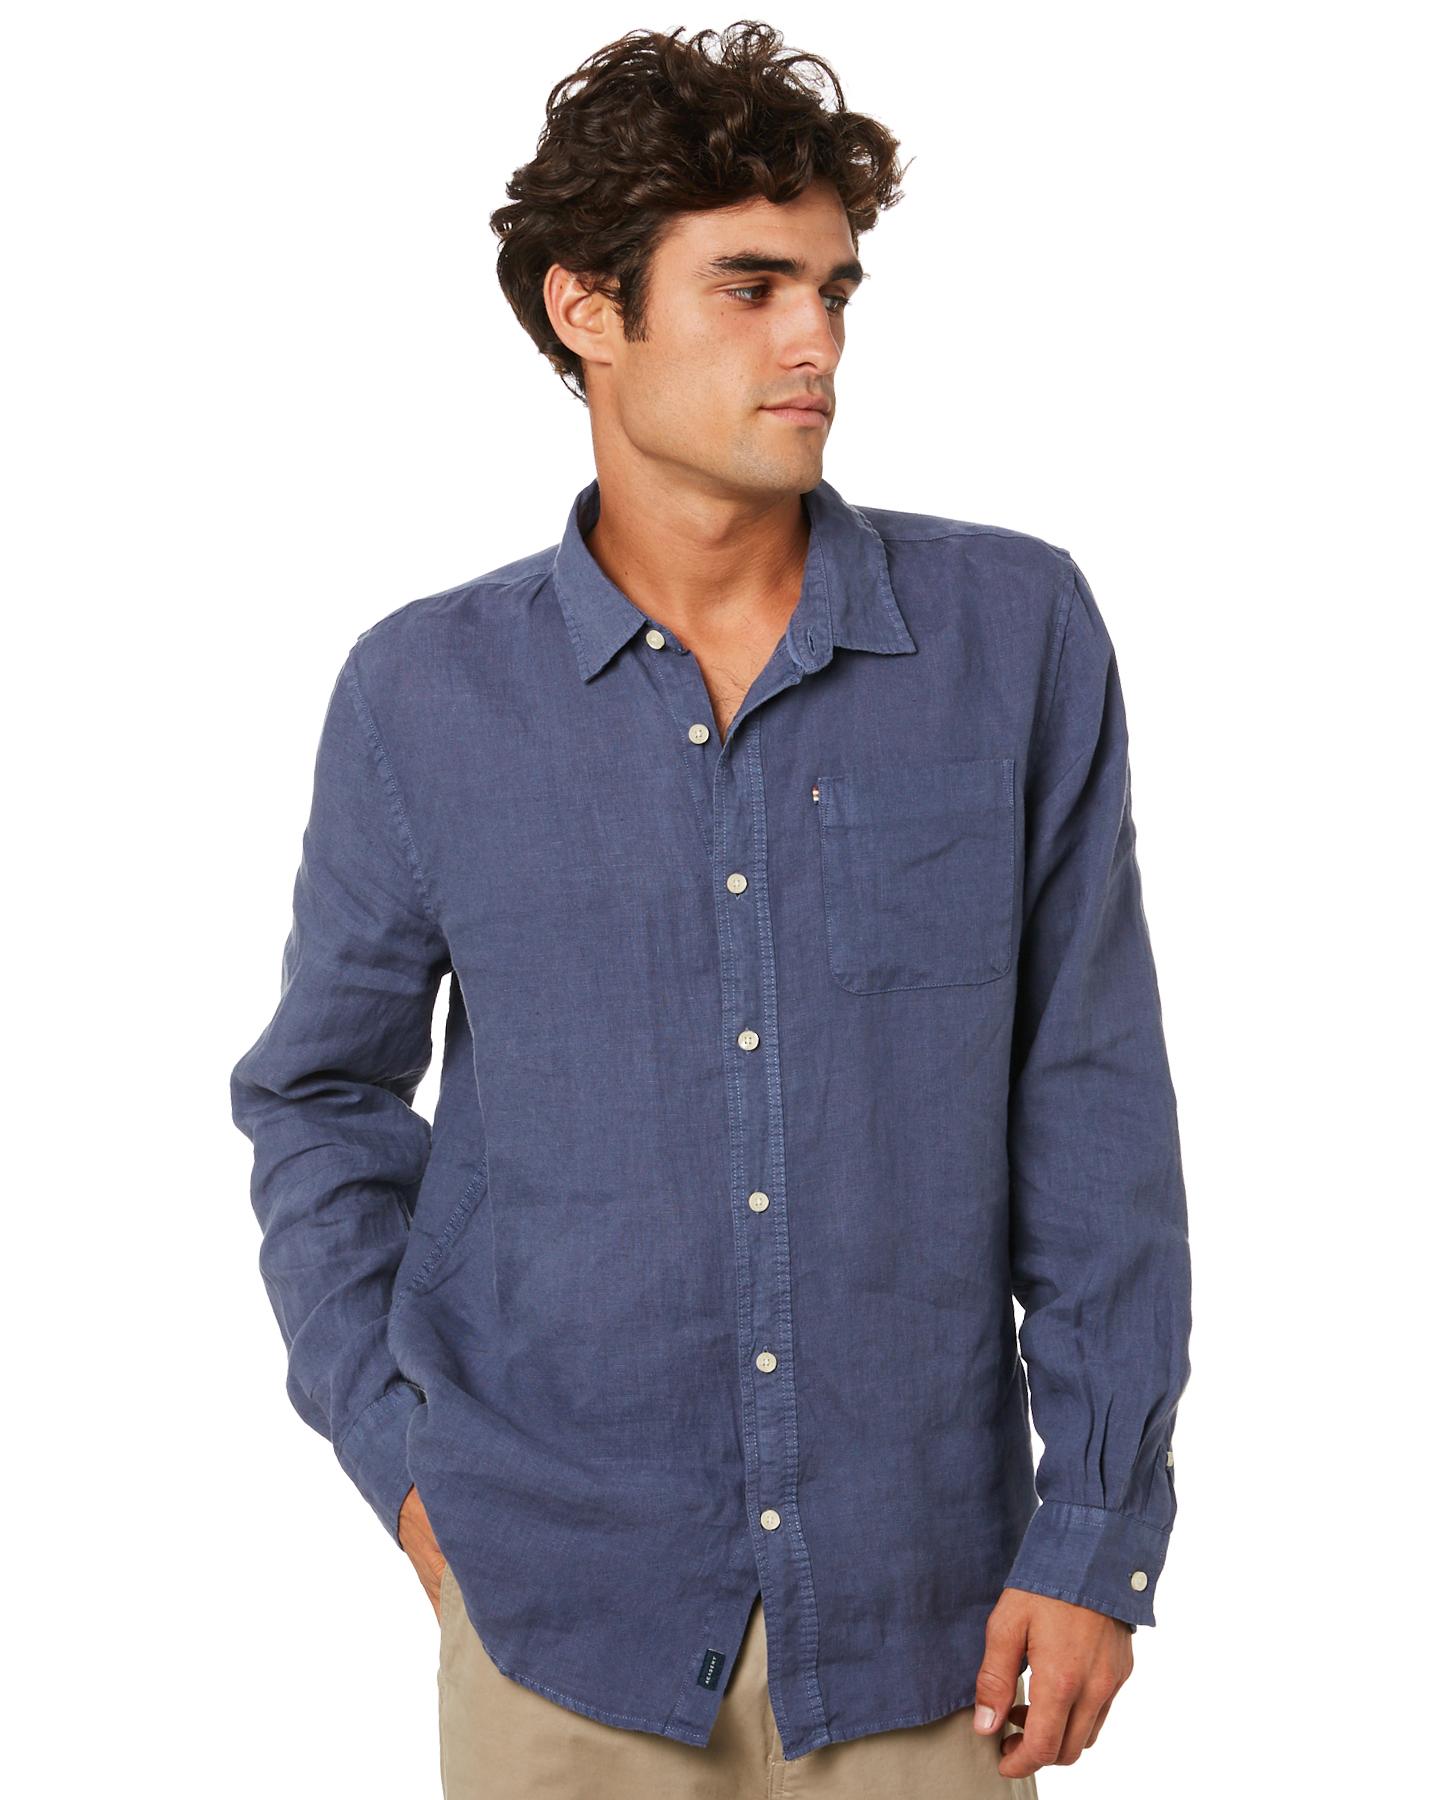 Academy Brand Hampton Mens Linen Shirt Pilot Blue